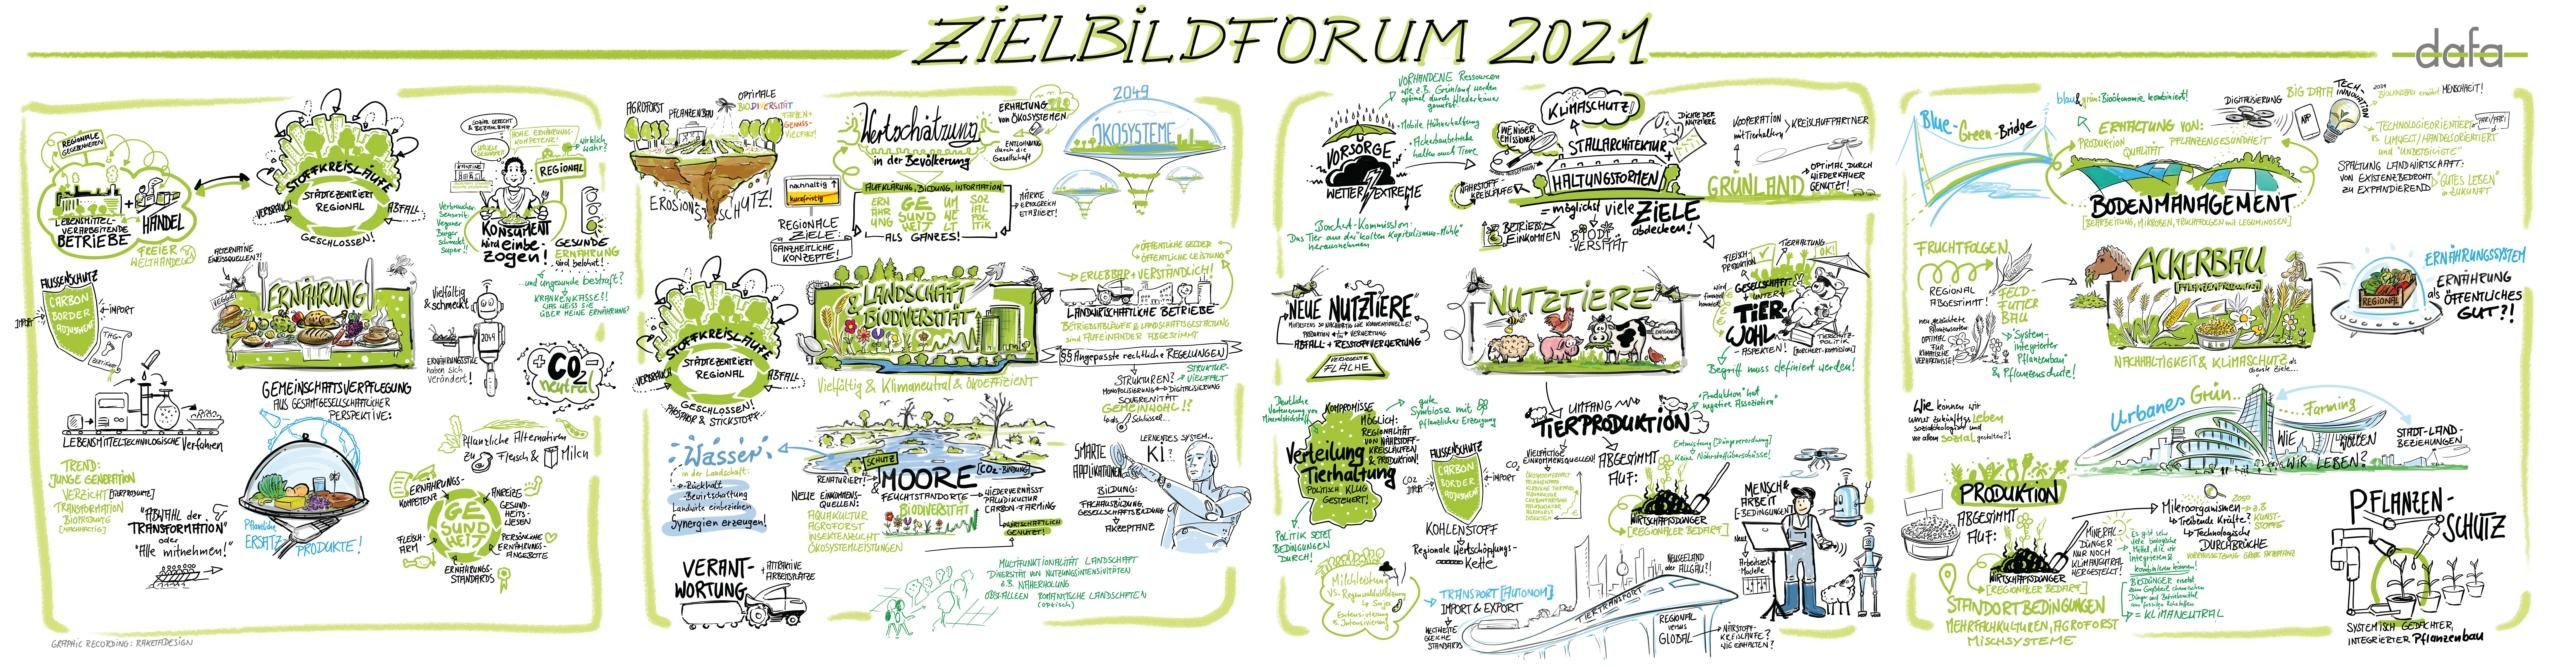 Graphic Recording der Veranstaltung, unterteilt in vier quadratische Felder zu den Themen Ernährung, Landschaft + Biodiversität, Nutztiere und Ackerbau.